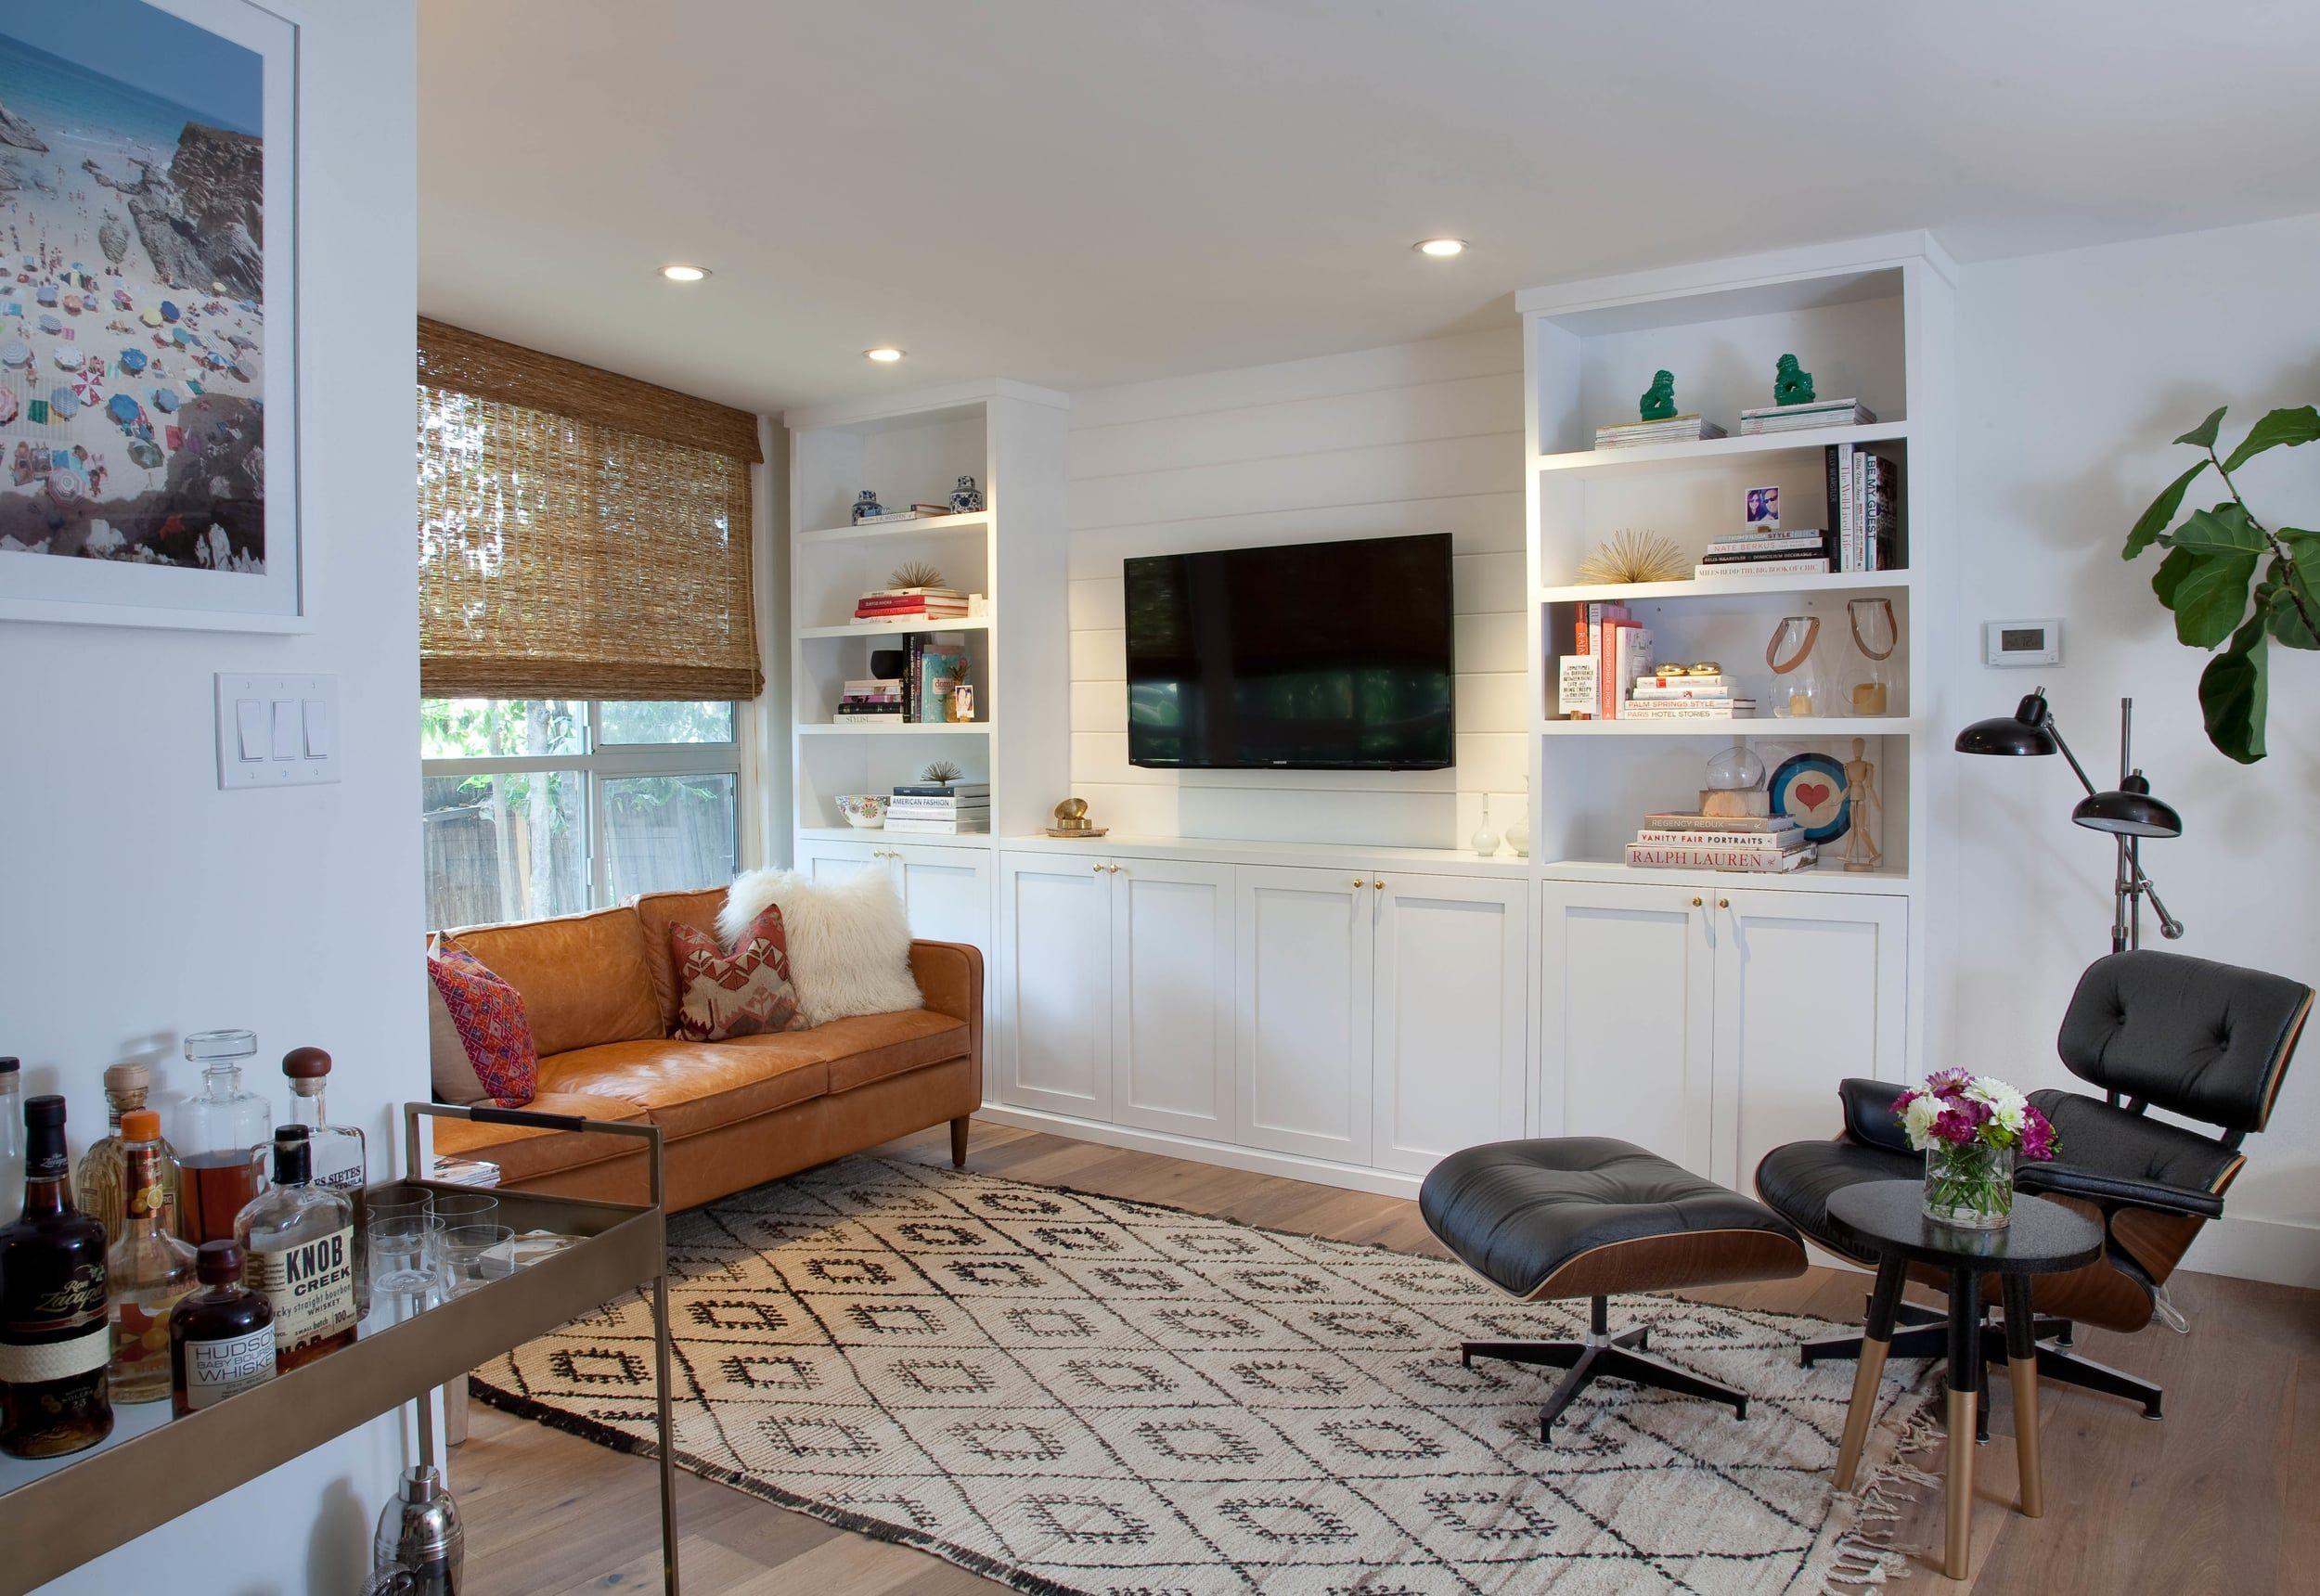 studio matsalla san diego interior designers condo remodel rh za pinterest com